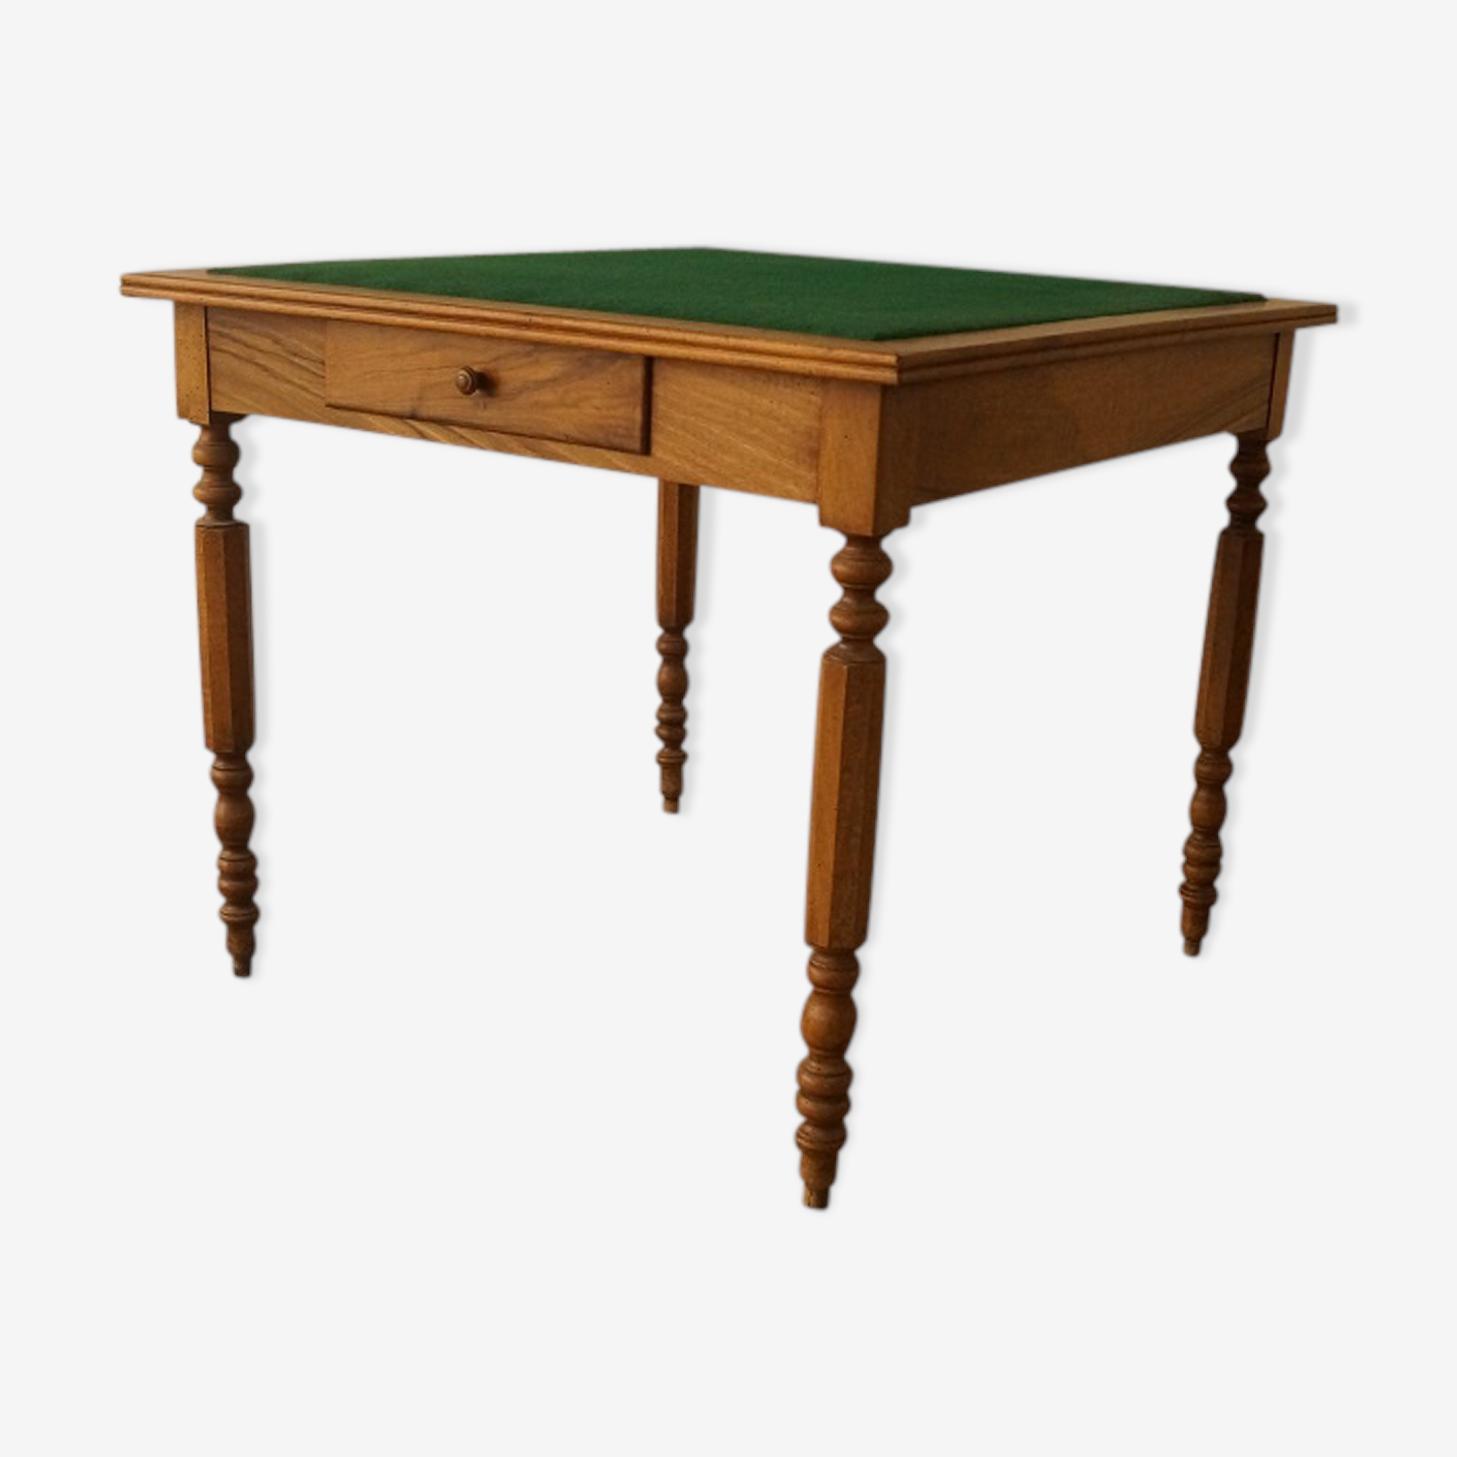 Table à jeux en noyer 1900